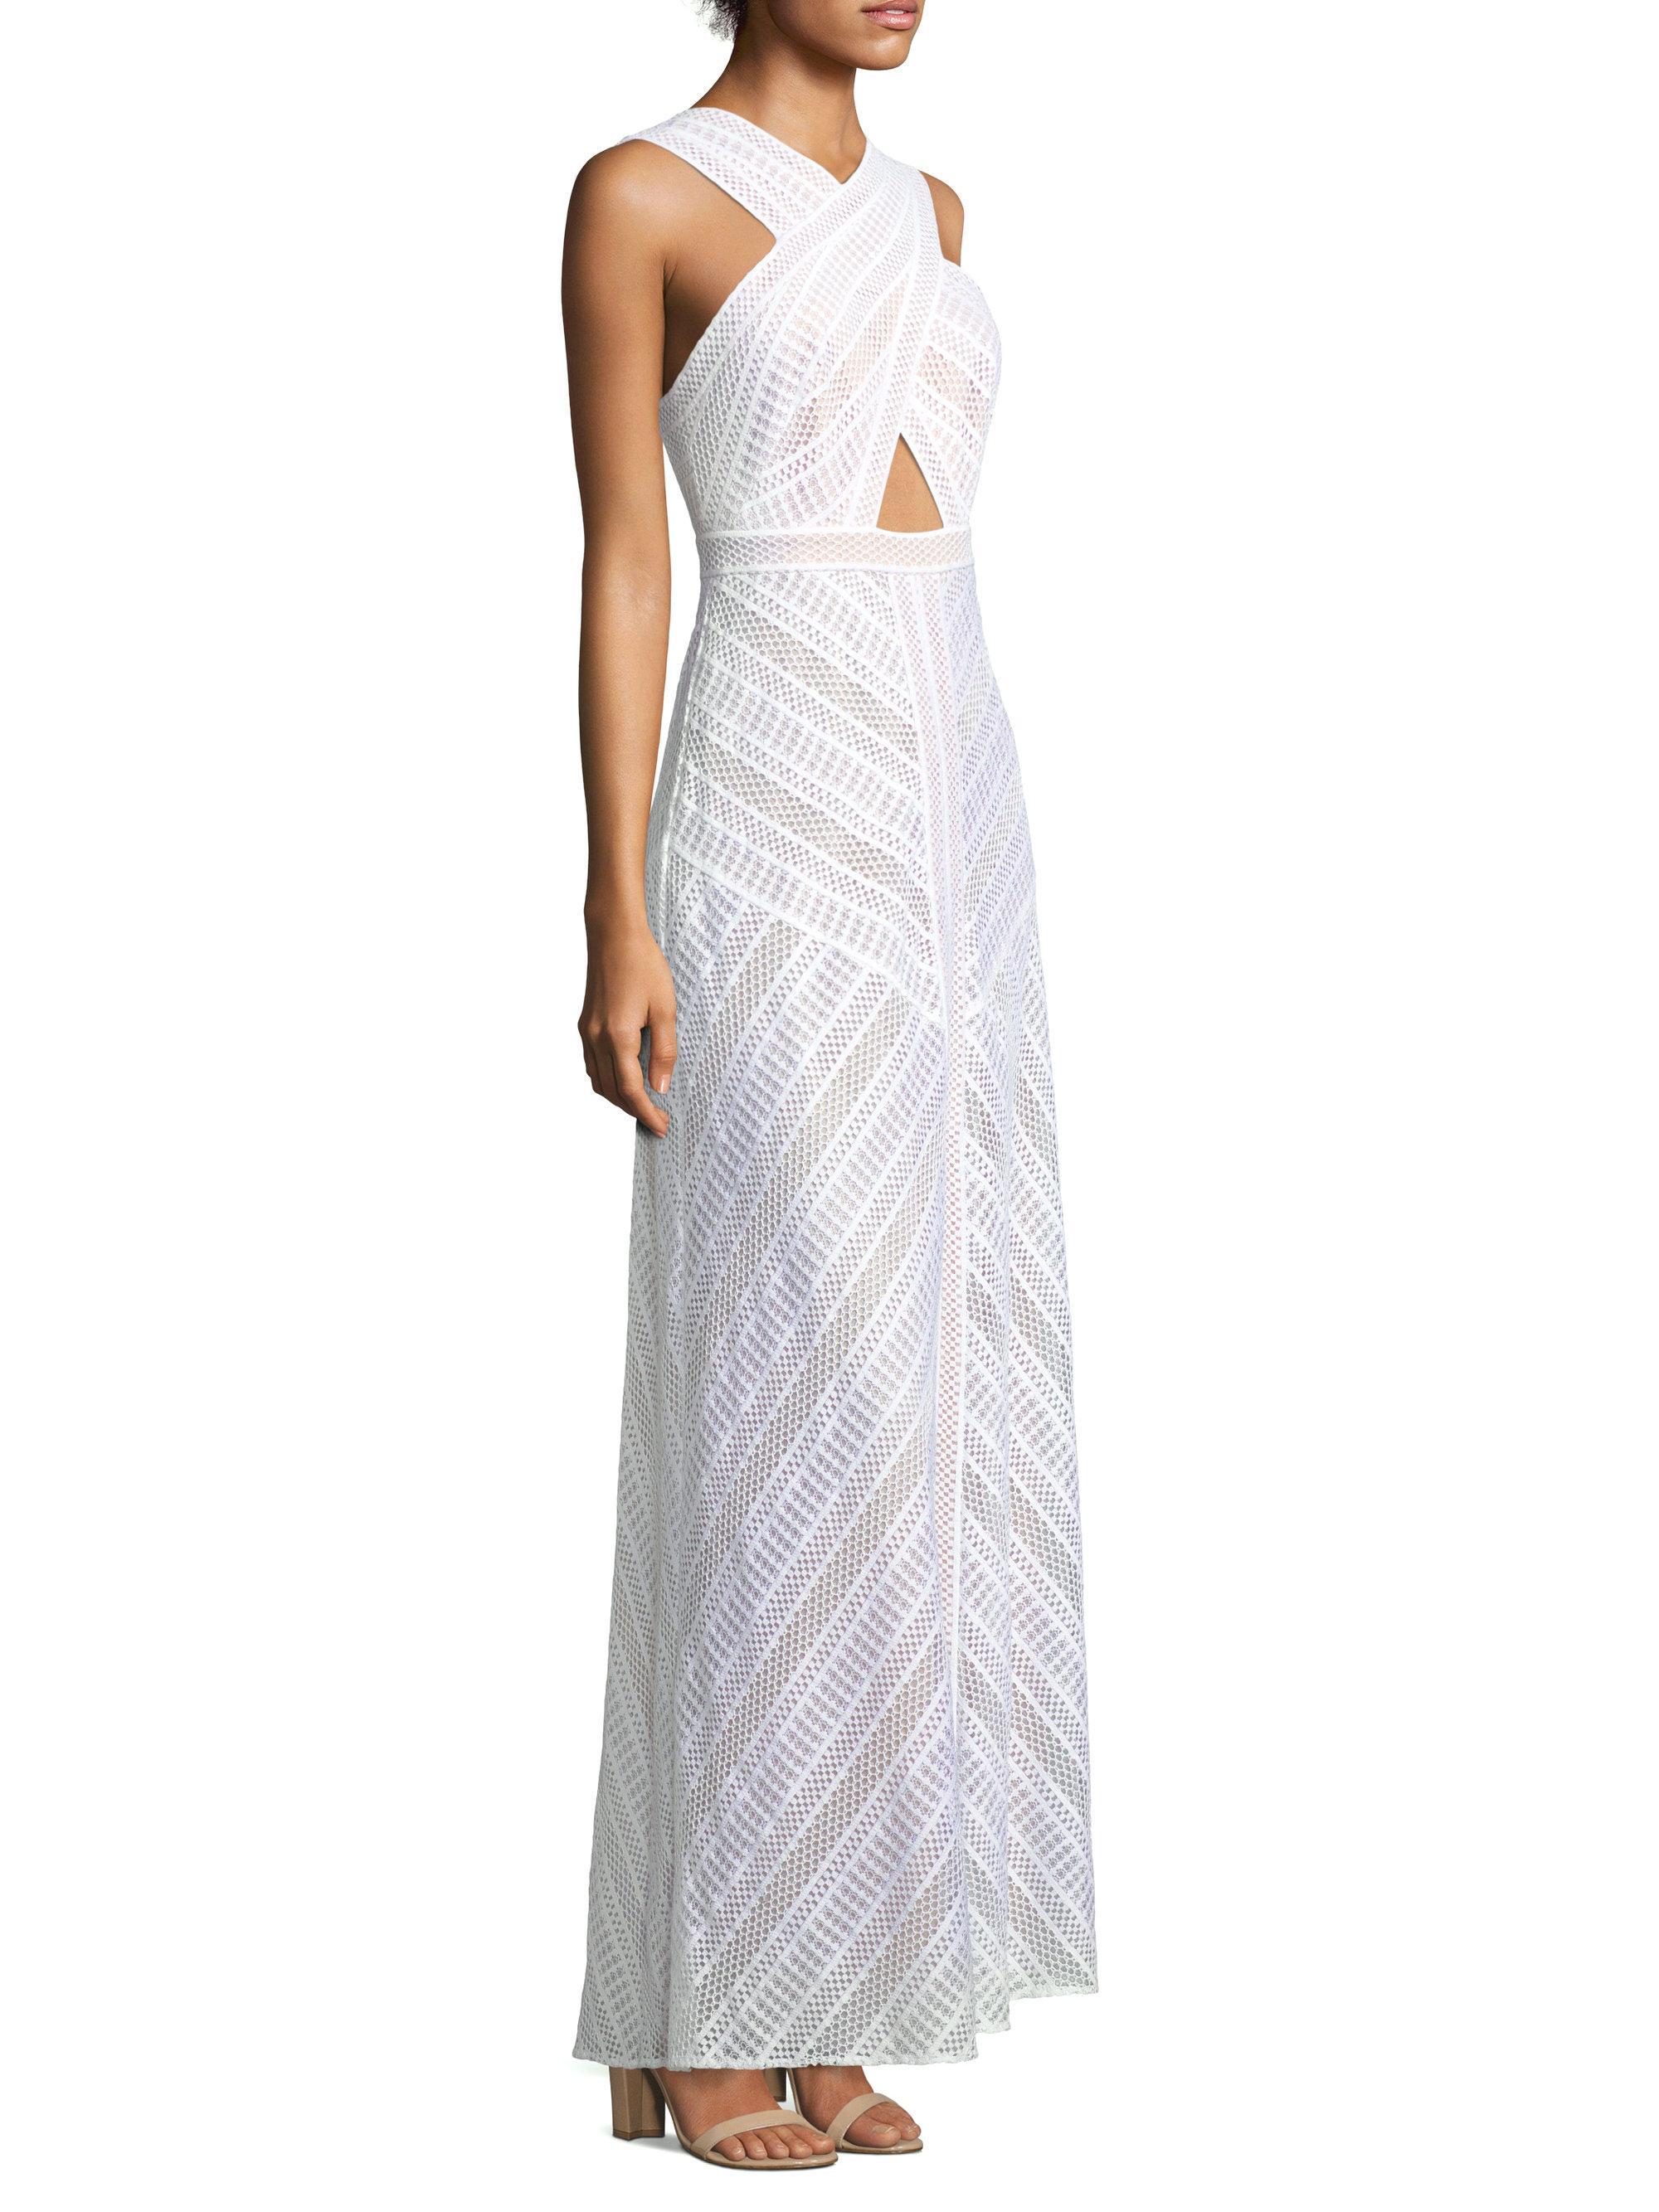 Lyst - Bcbgmaxazria Genelle Lace Halter Gown in White